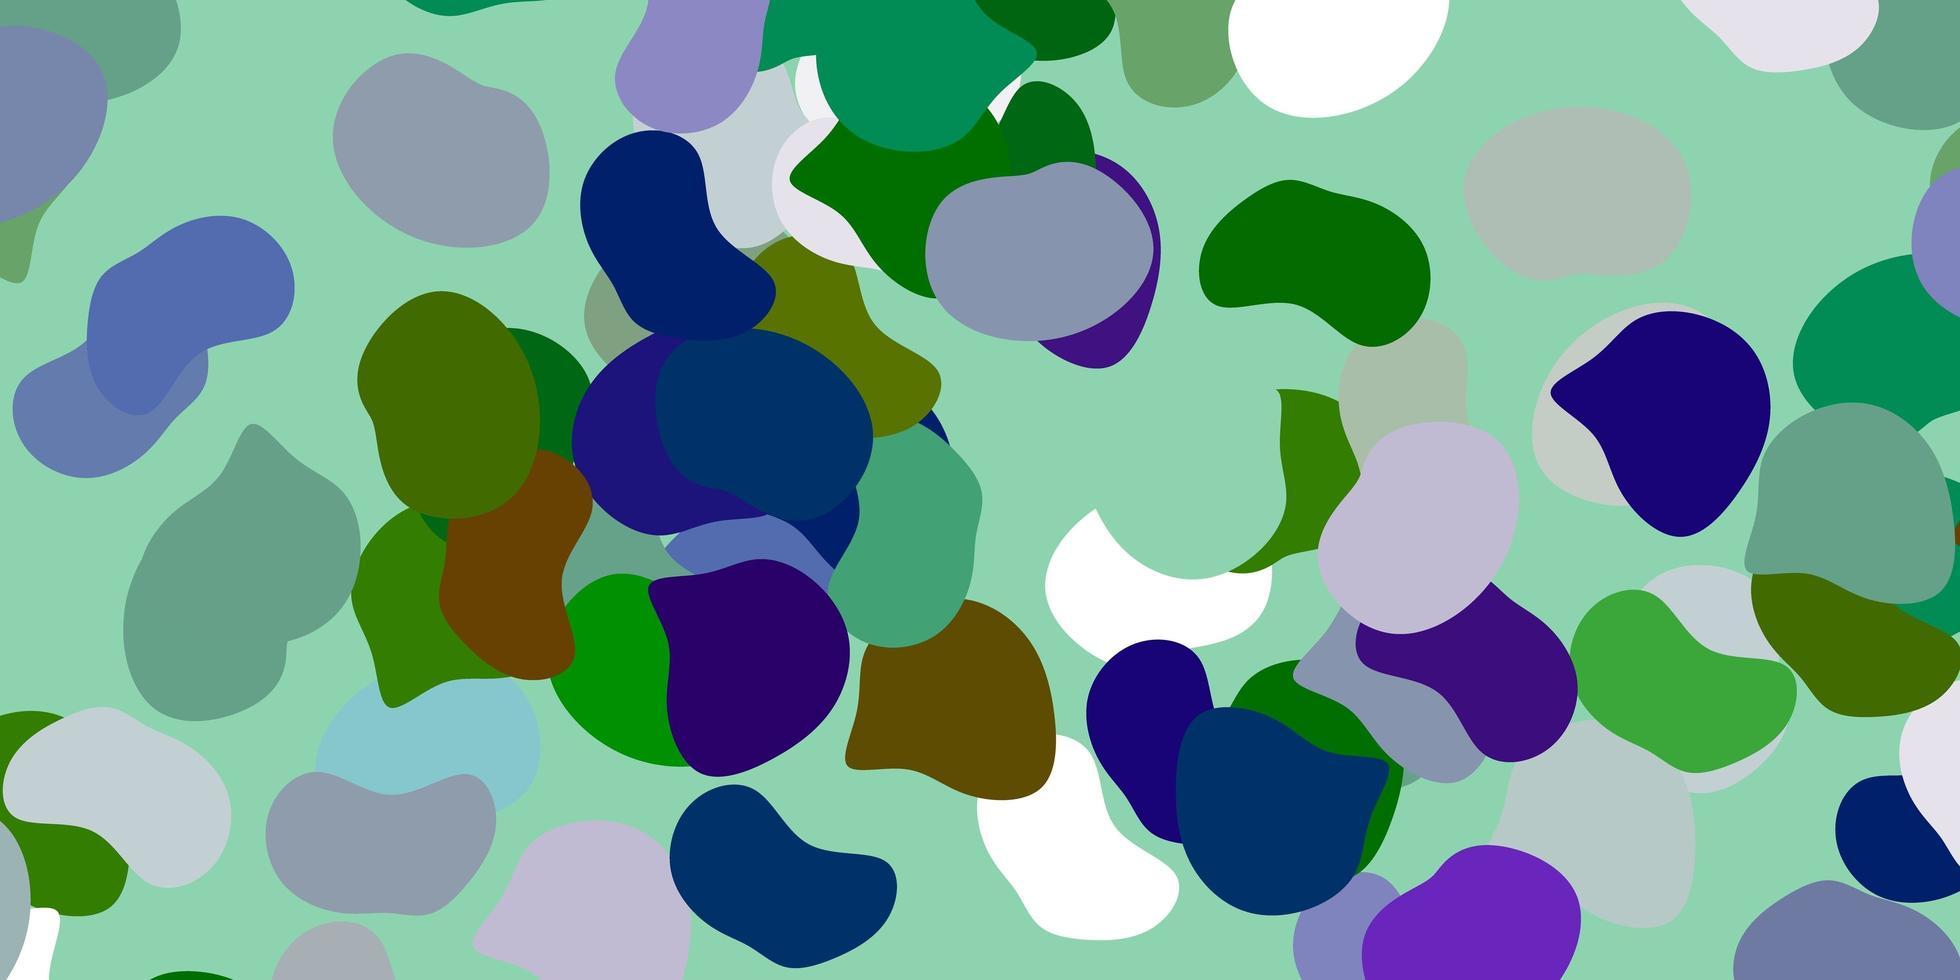 fundo vector azul e verde claro com formas aleatórias.